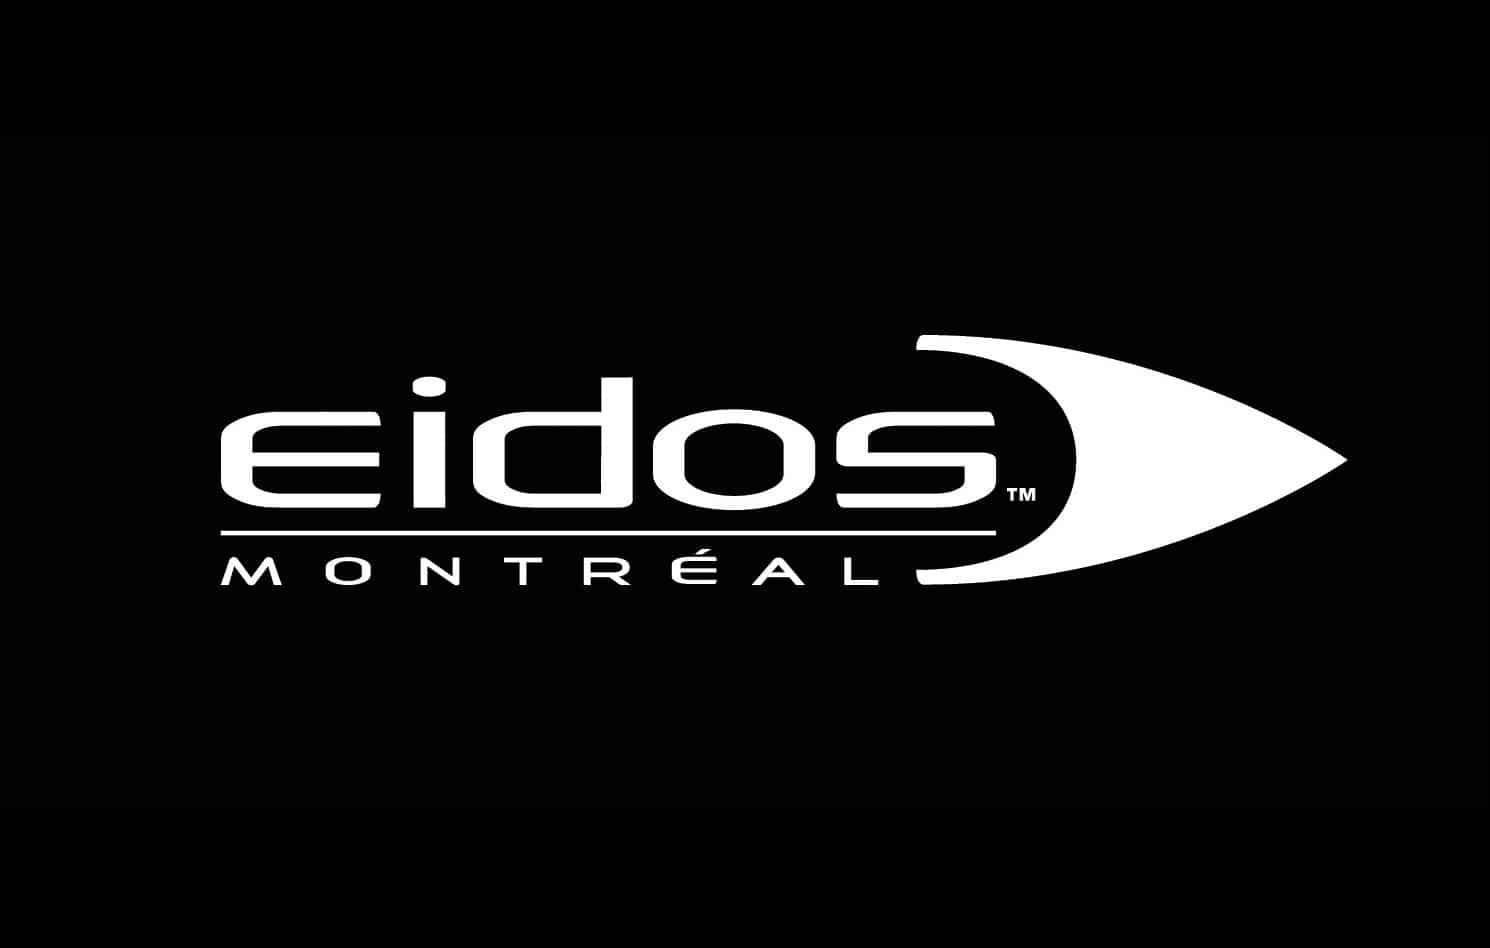 Eidos Montreal introduce la semana laboral de cuatro días 2